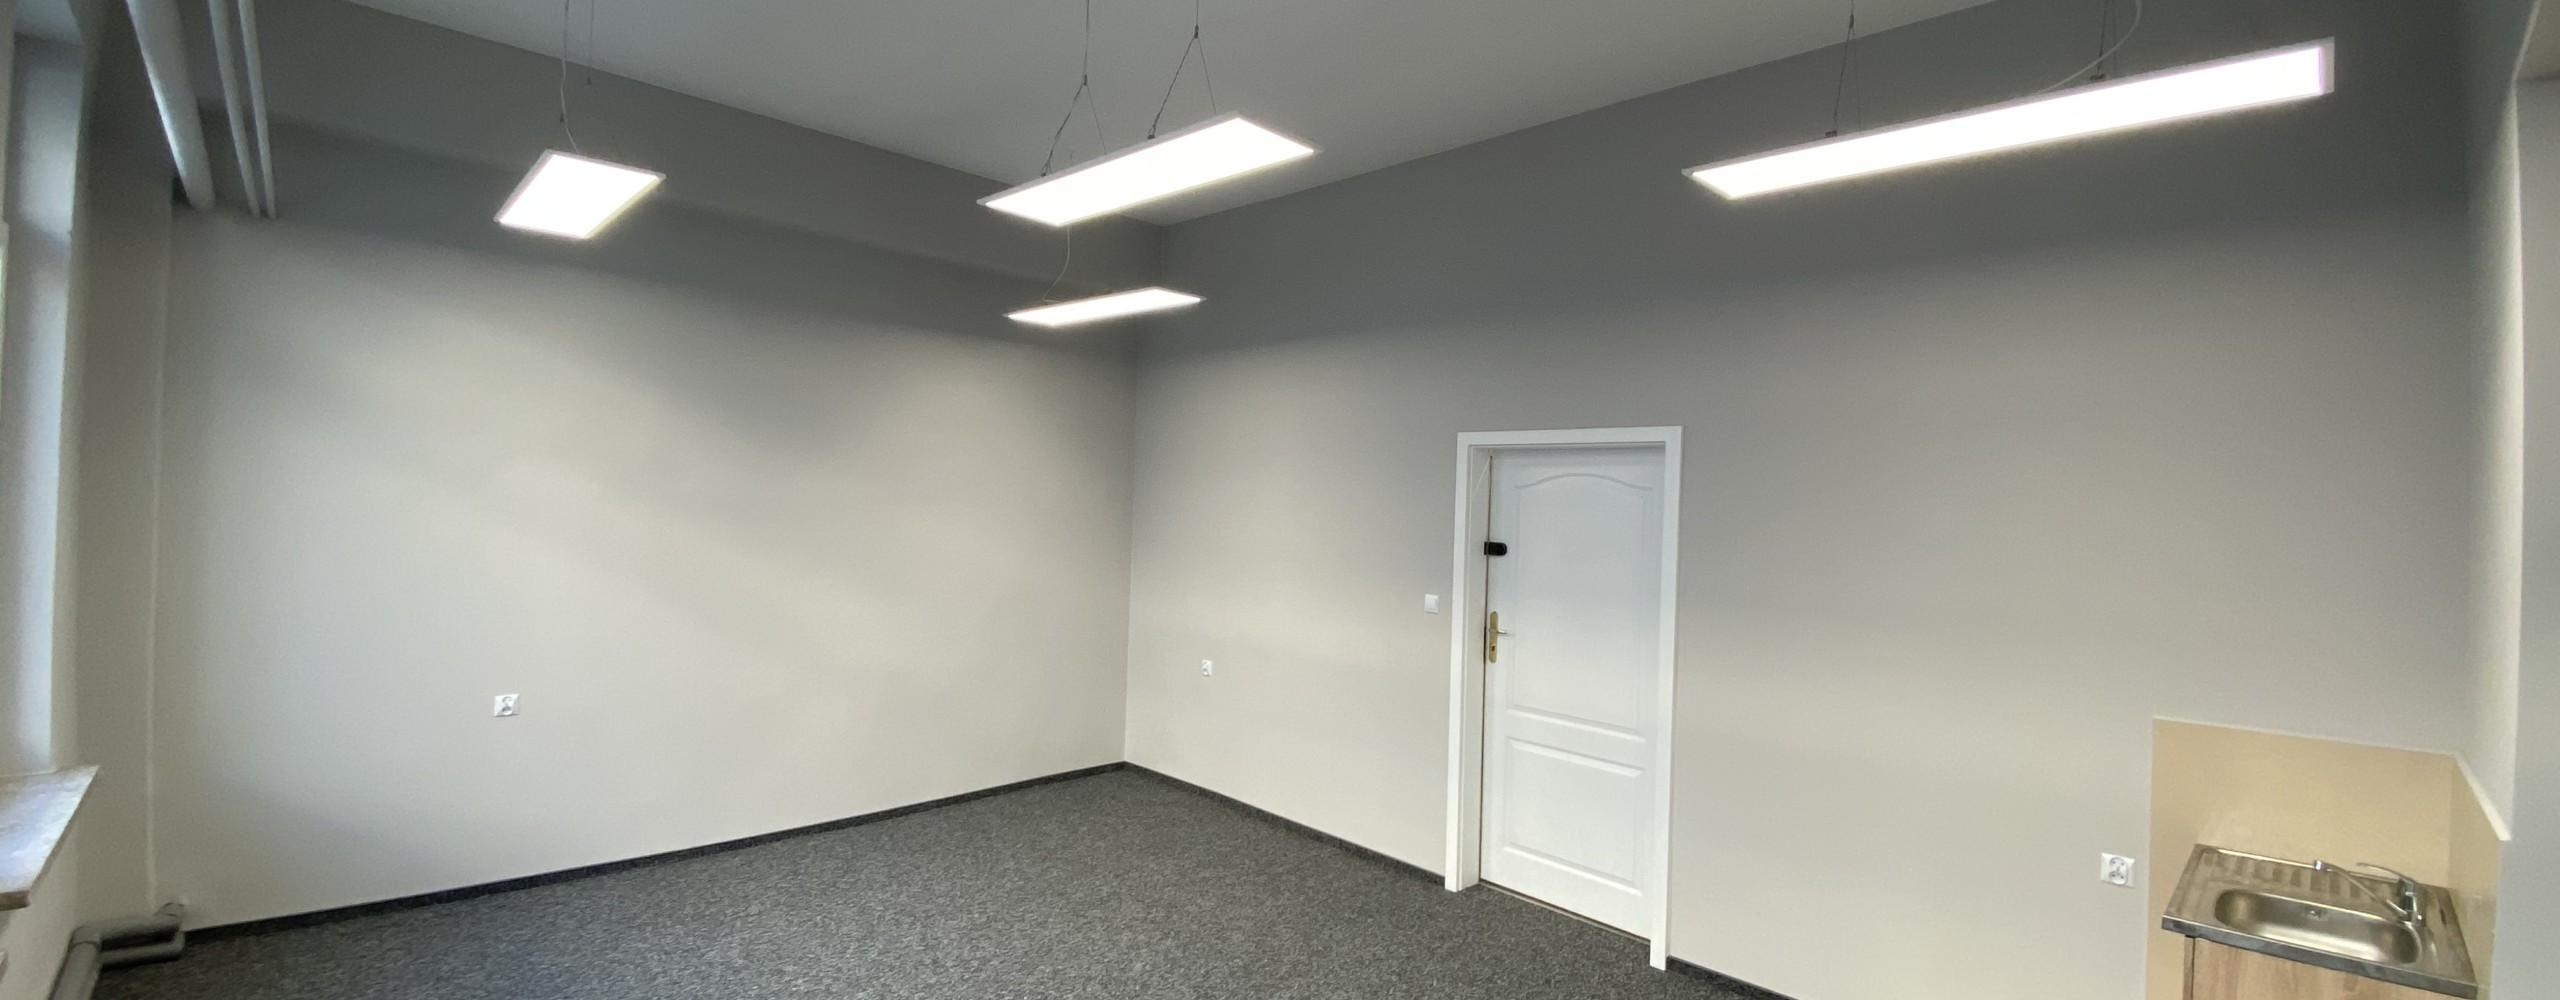 biuro z własnym aneksem o powierzchni 25,4 m<sup>2</sup> - Farbud Nieruchomości - Lublin